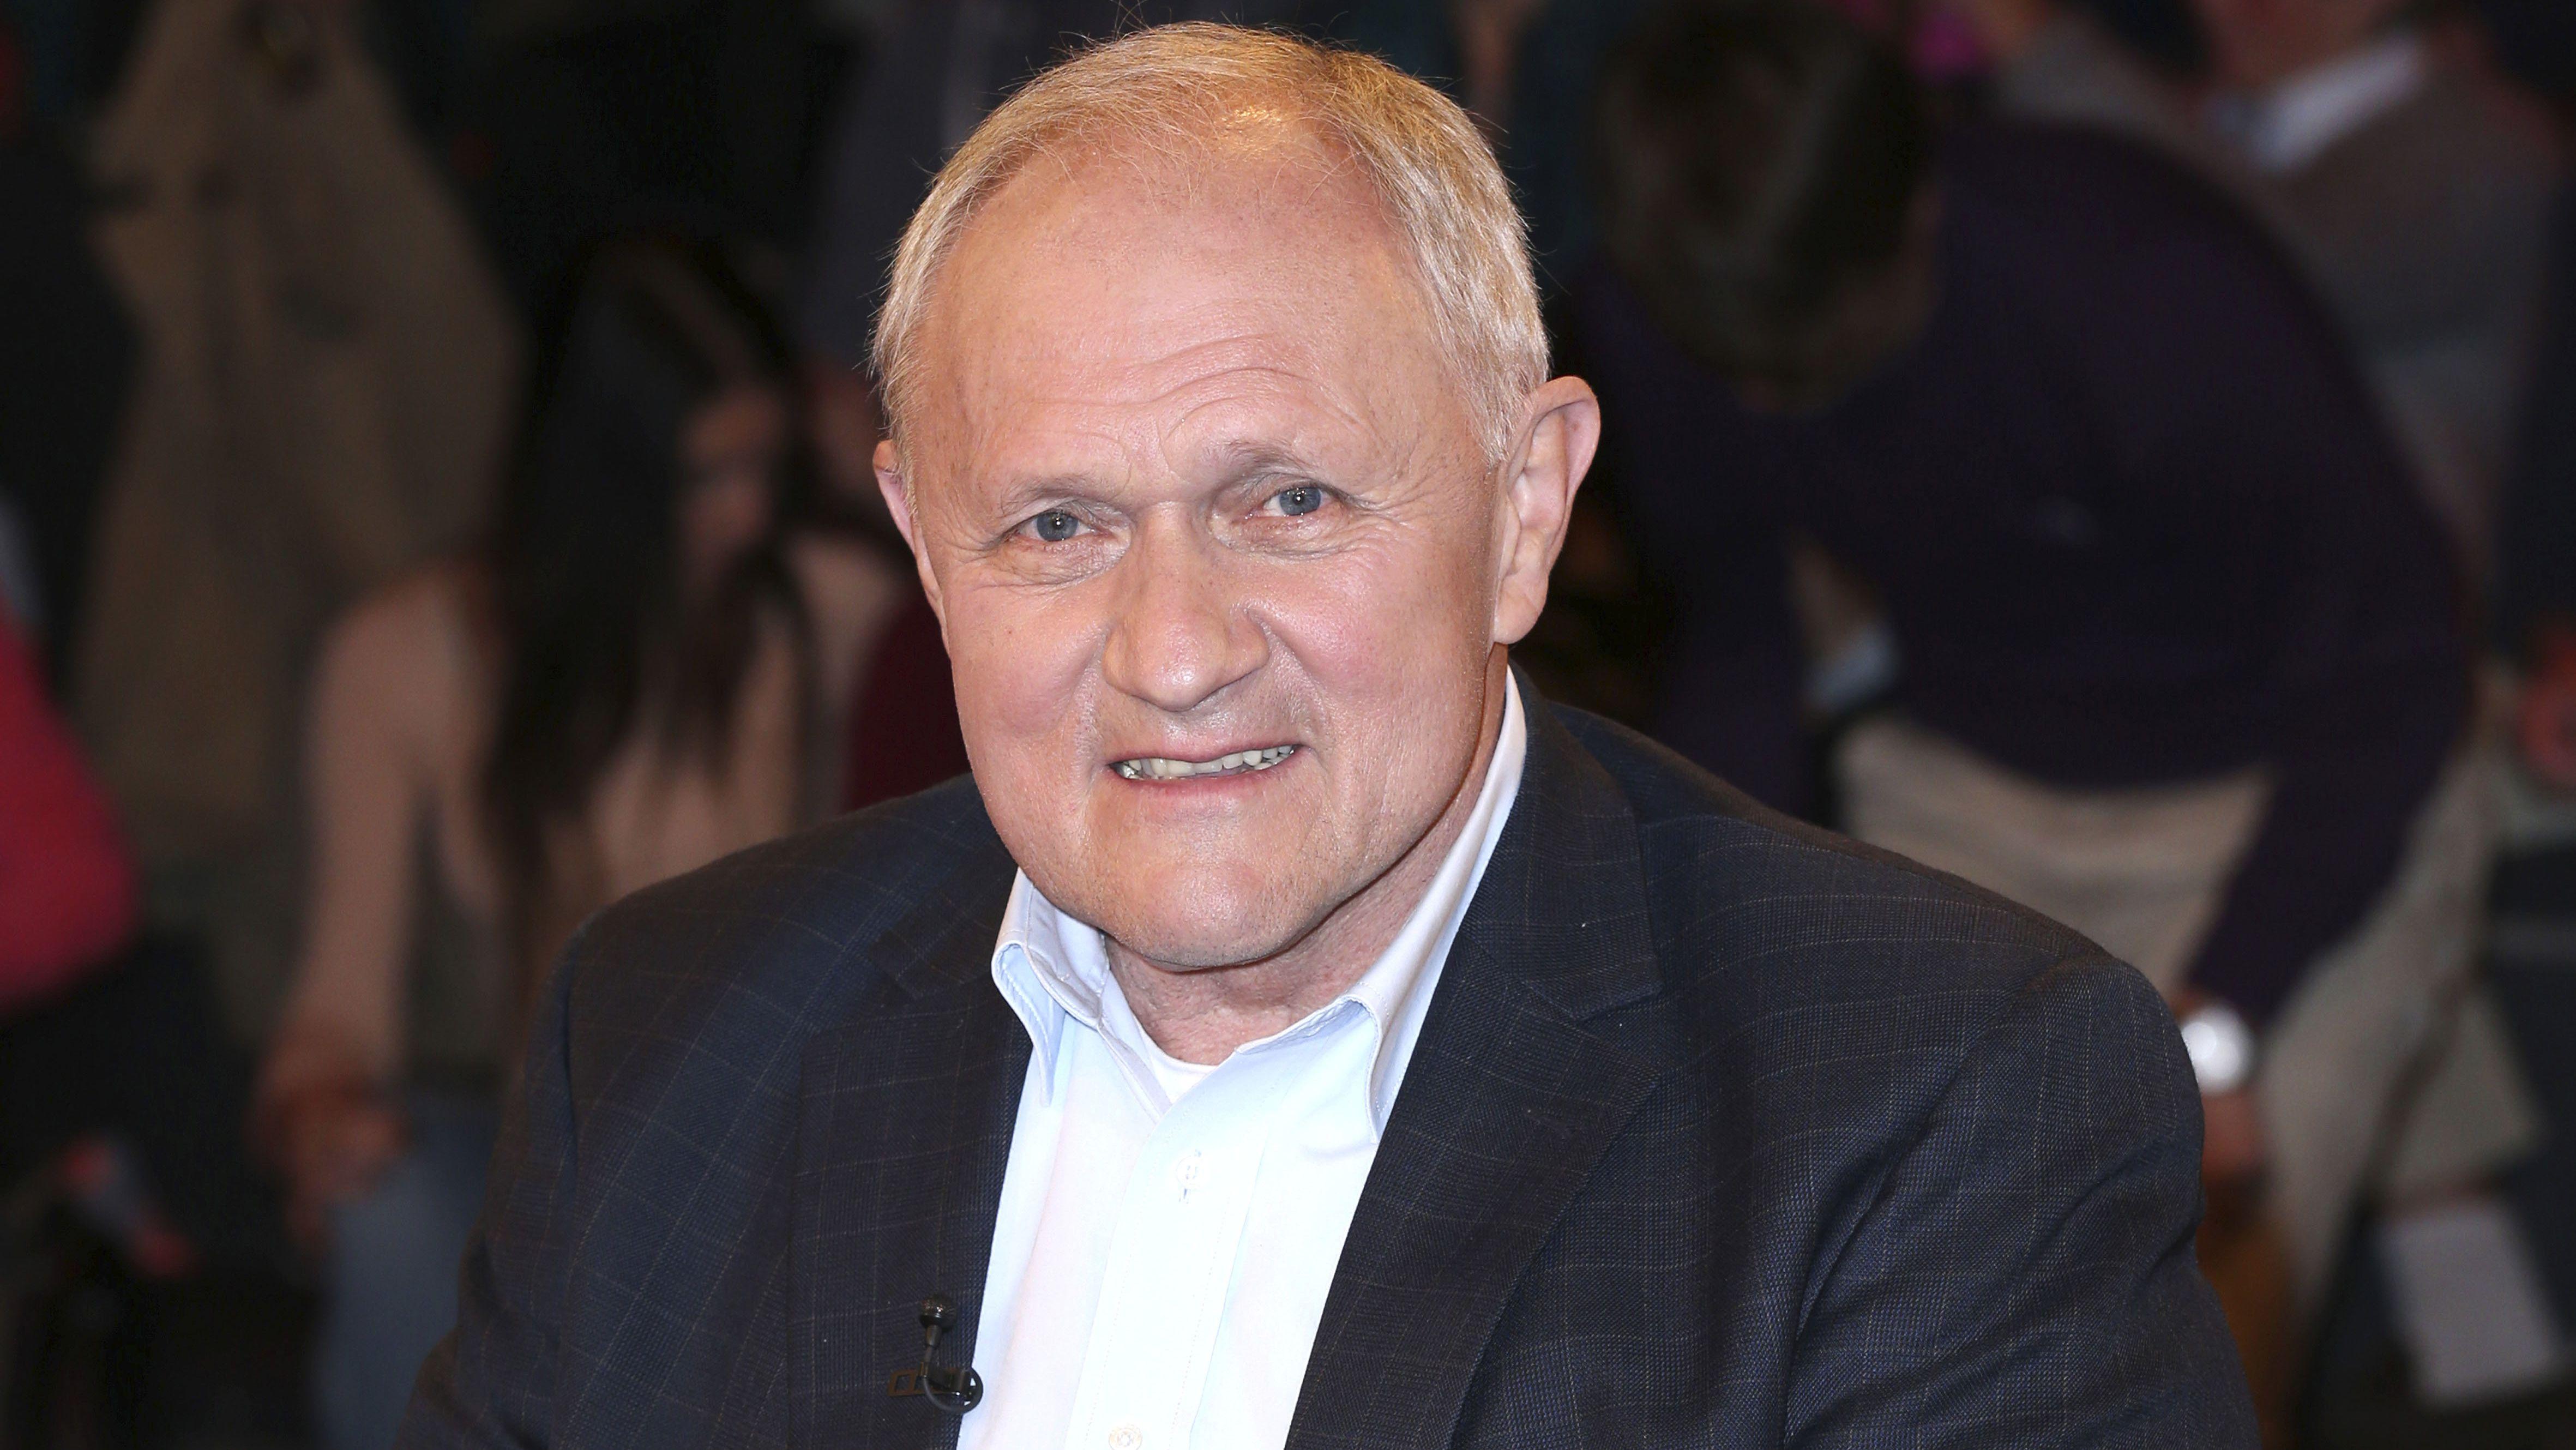 """Der ehemalige Präsident des Deutschen Lehrerverbandes, Josef Kraus, bezeichnet die Schülerproteste als """"Affenzirkus der Generation Schneeflocke"""""""